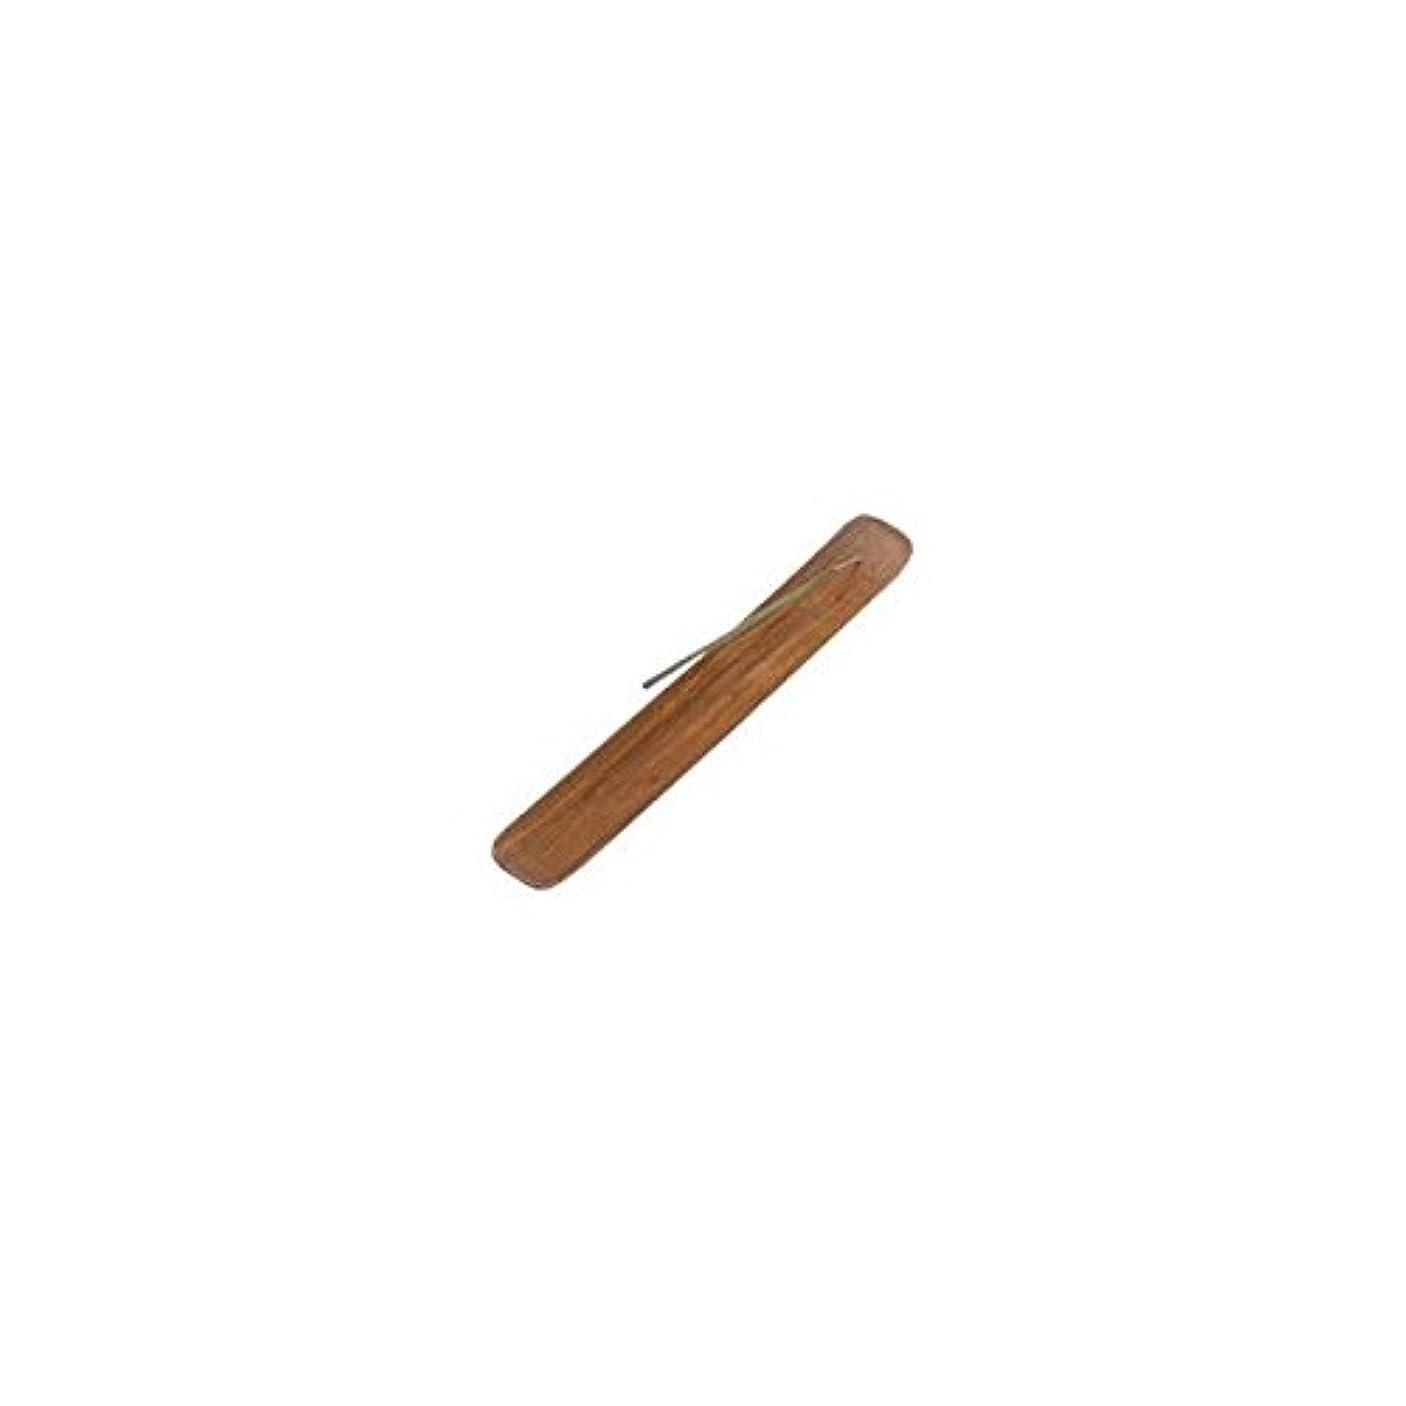 付属品把握表現Incense Burner Plain Wood - 1 pc